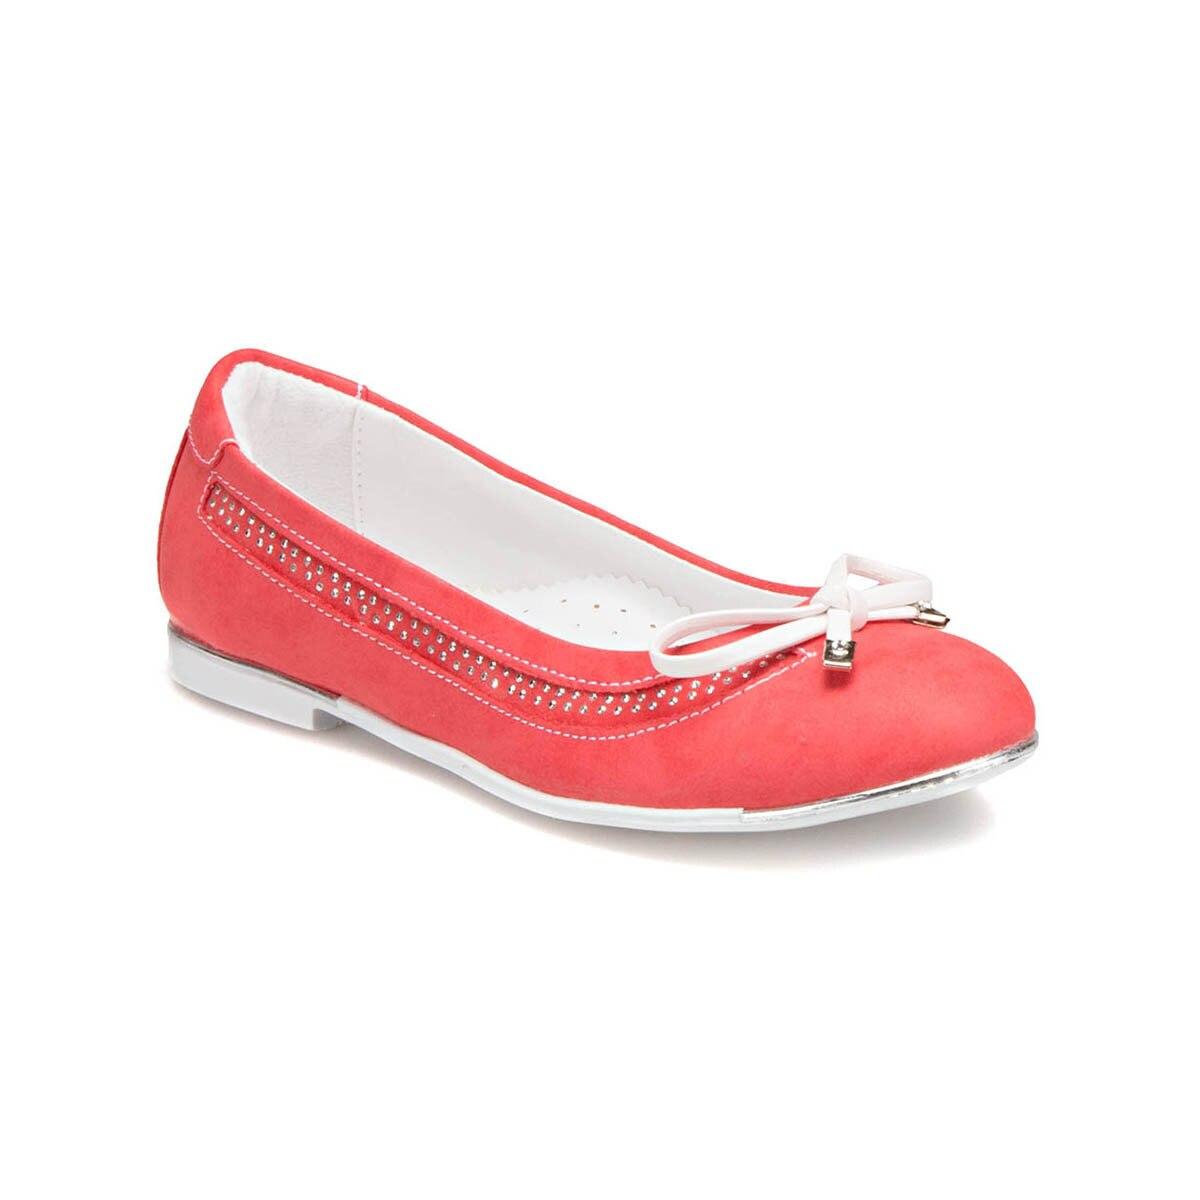 FLO 61.507195.F Red Female Child Ballerina Polaris